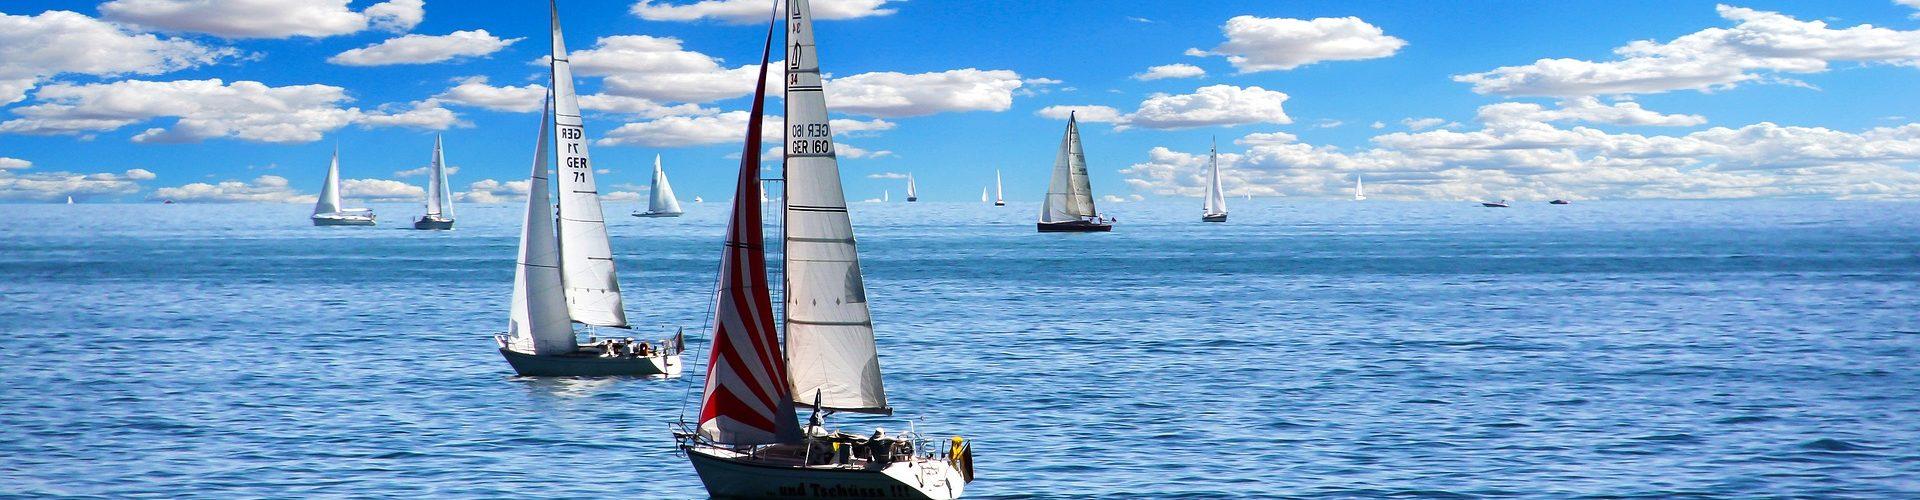 segeln lernen in Malchin segelschein machen in Malchin 1920x500 - Segeln lernen in Malchin